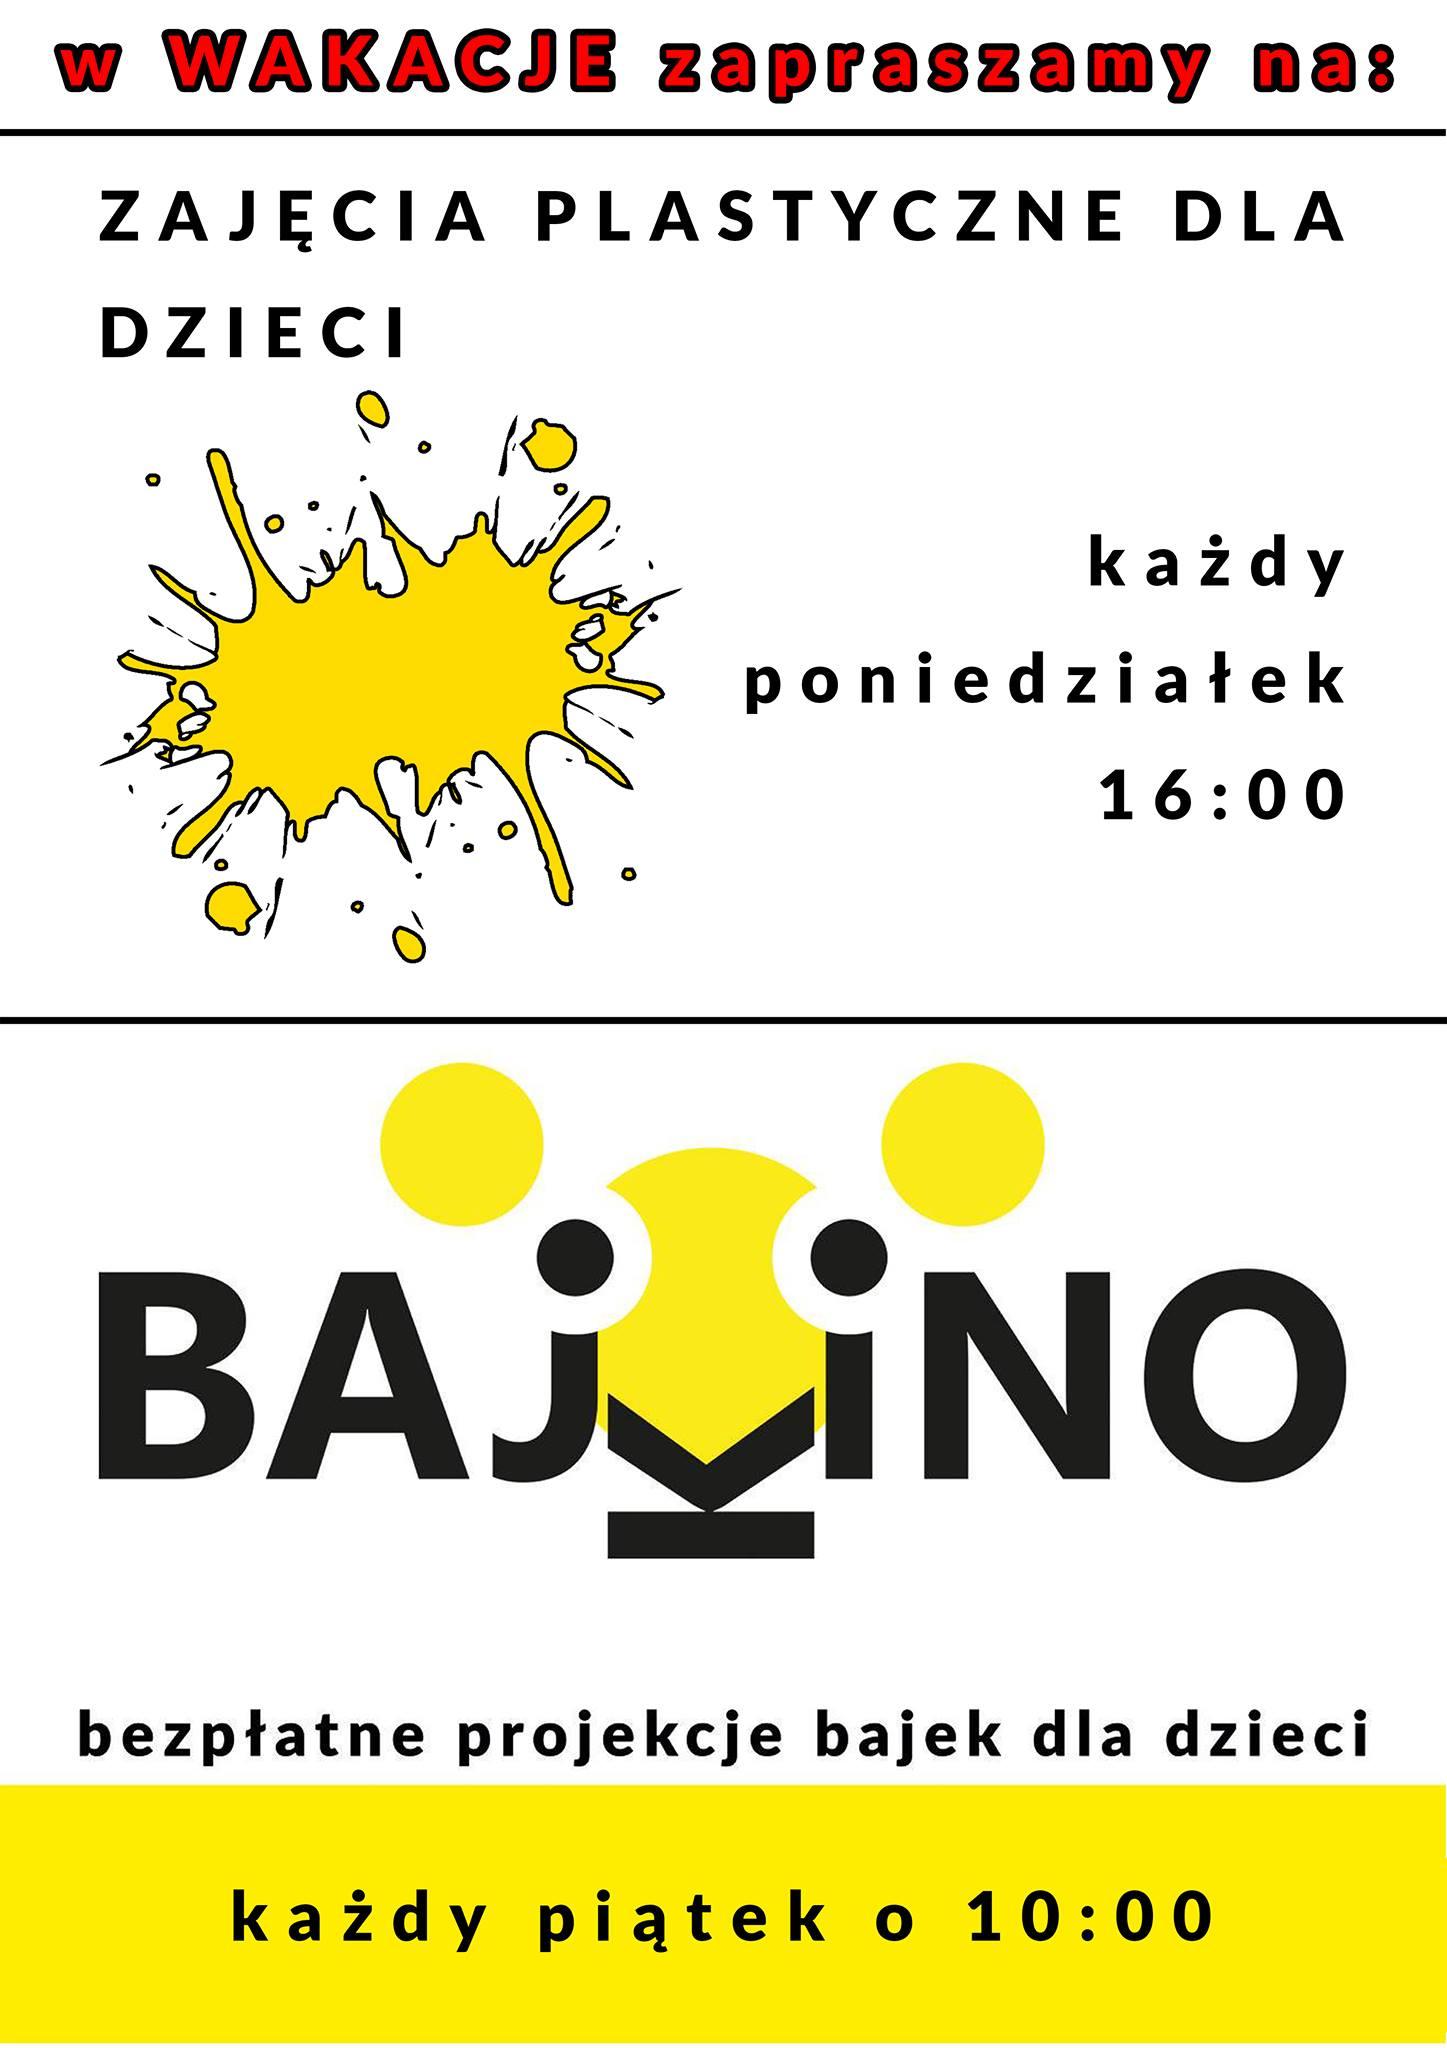 Zapraszamy do Bajkina!